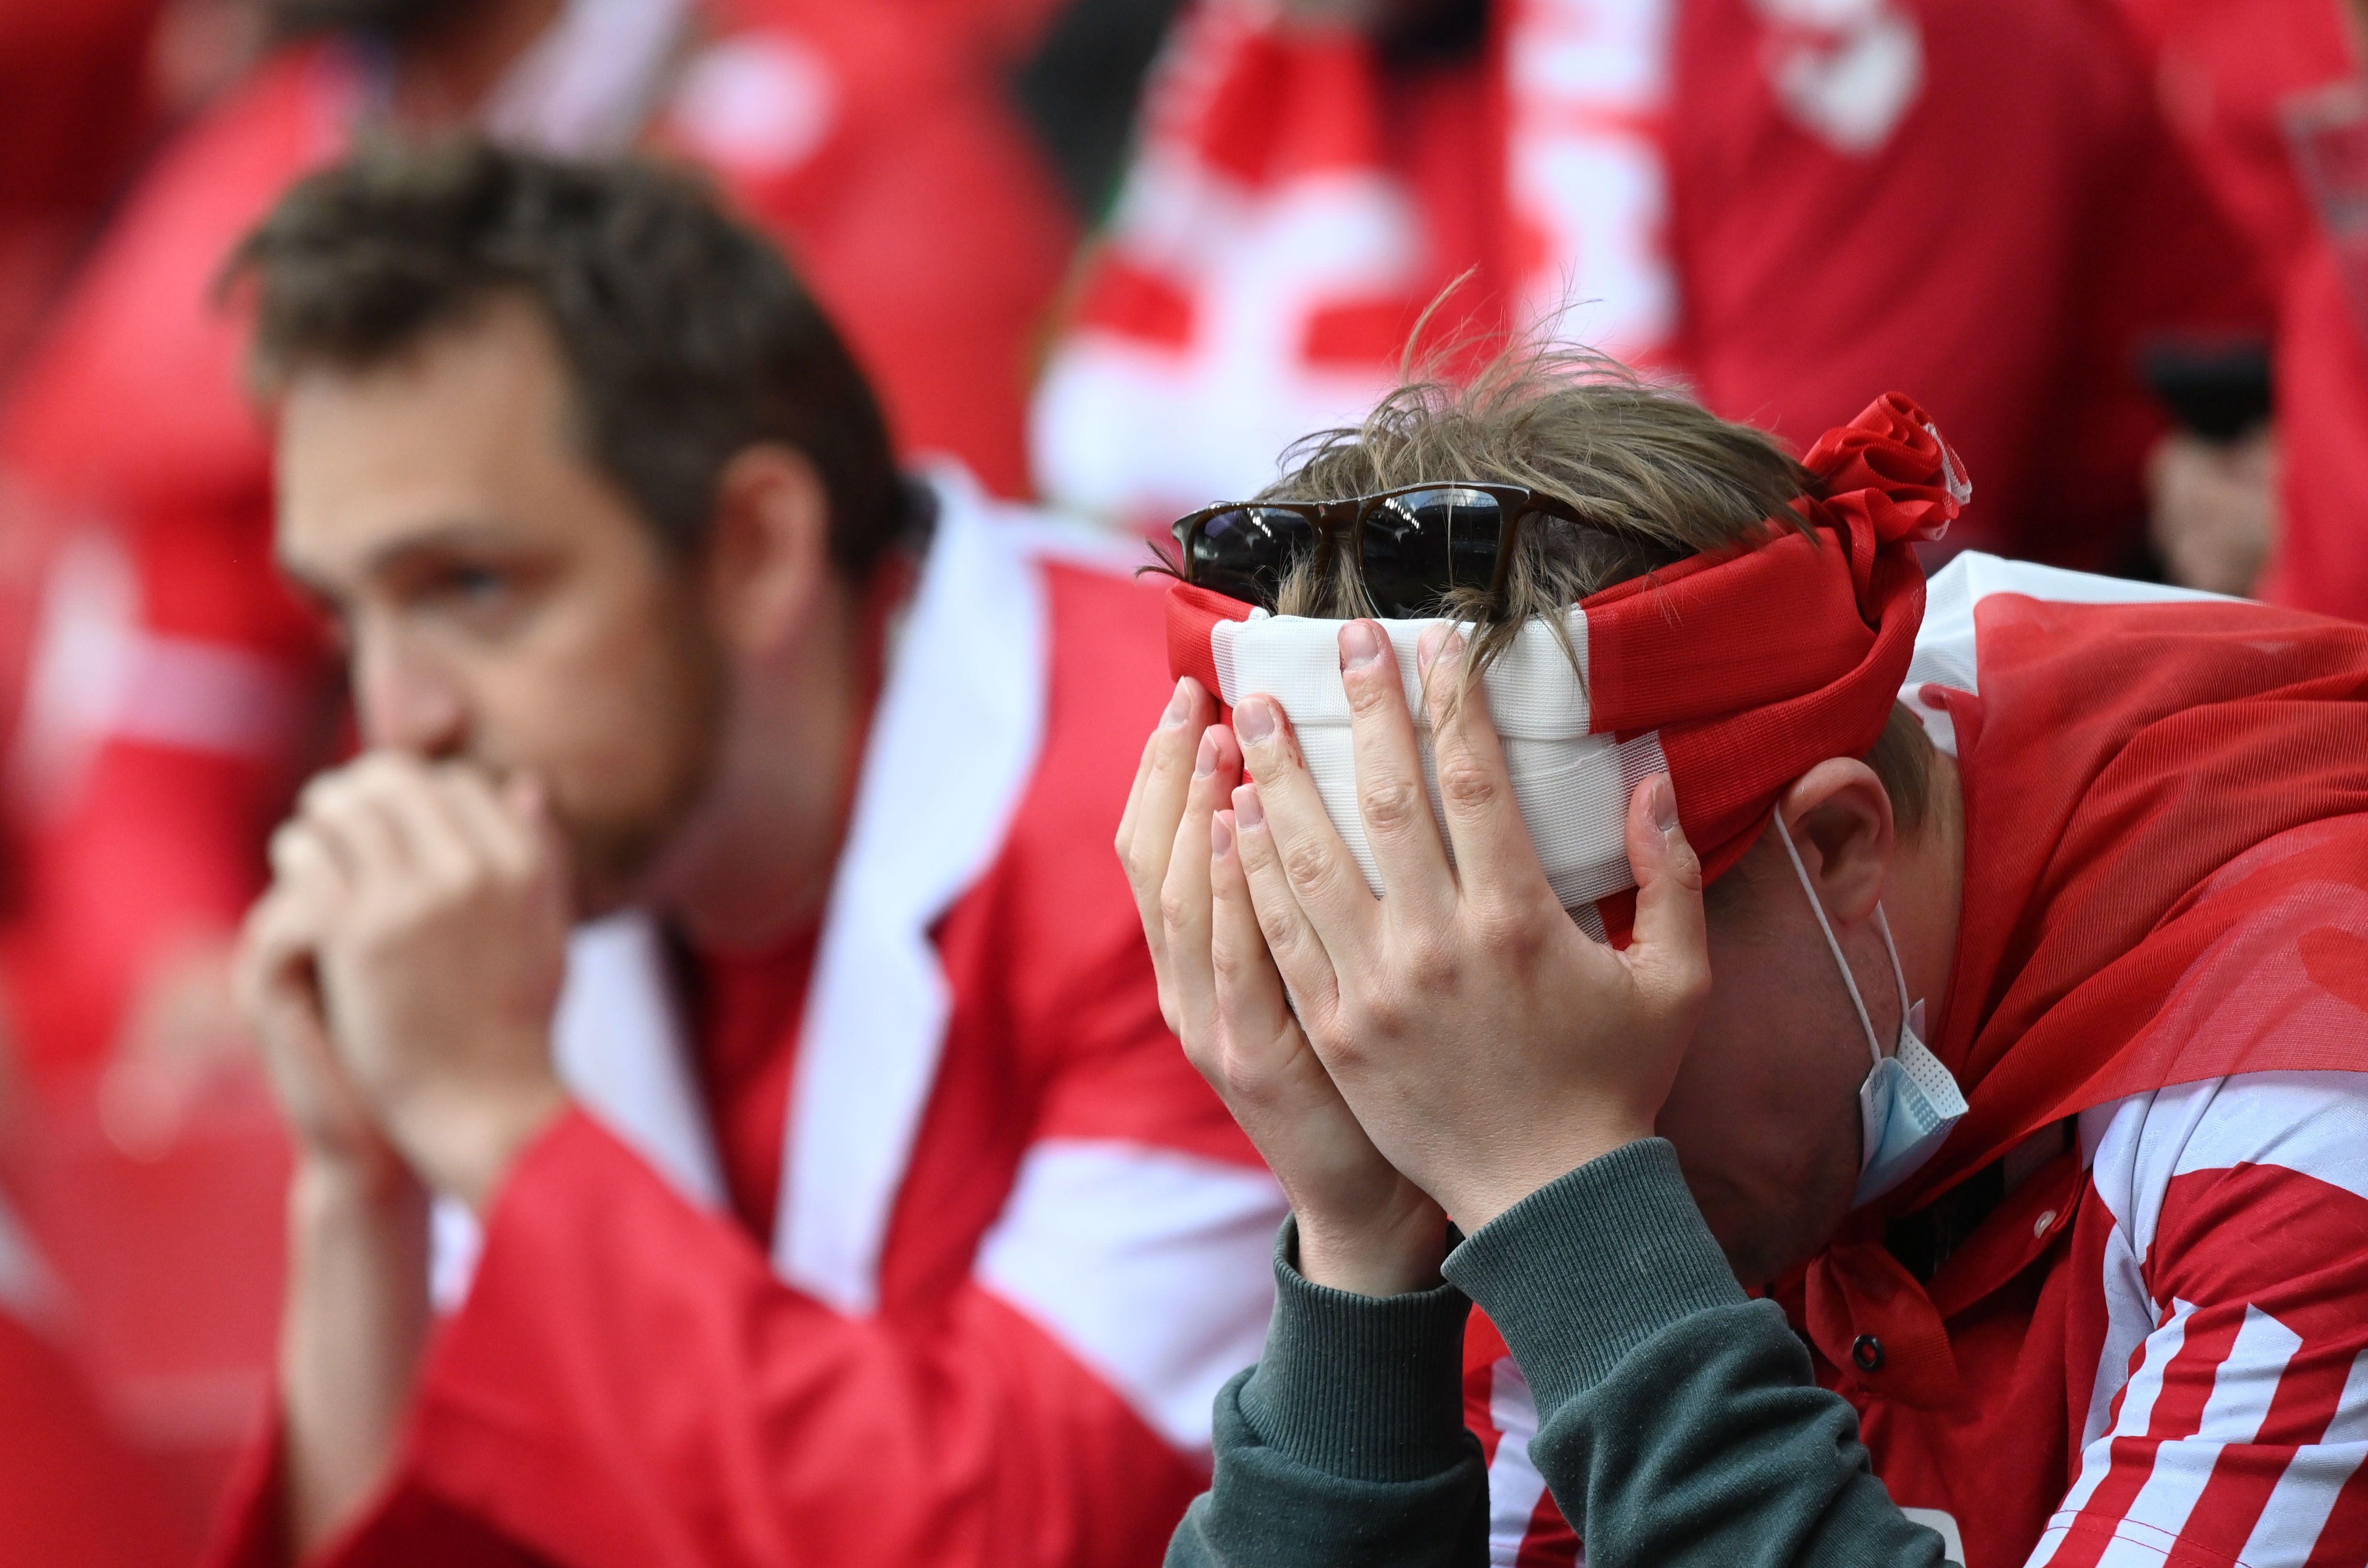 Los hinchas en el estadio, preocupados por Christian Eriksen   (REUTERS/Jonathan Nackstrand)